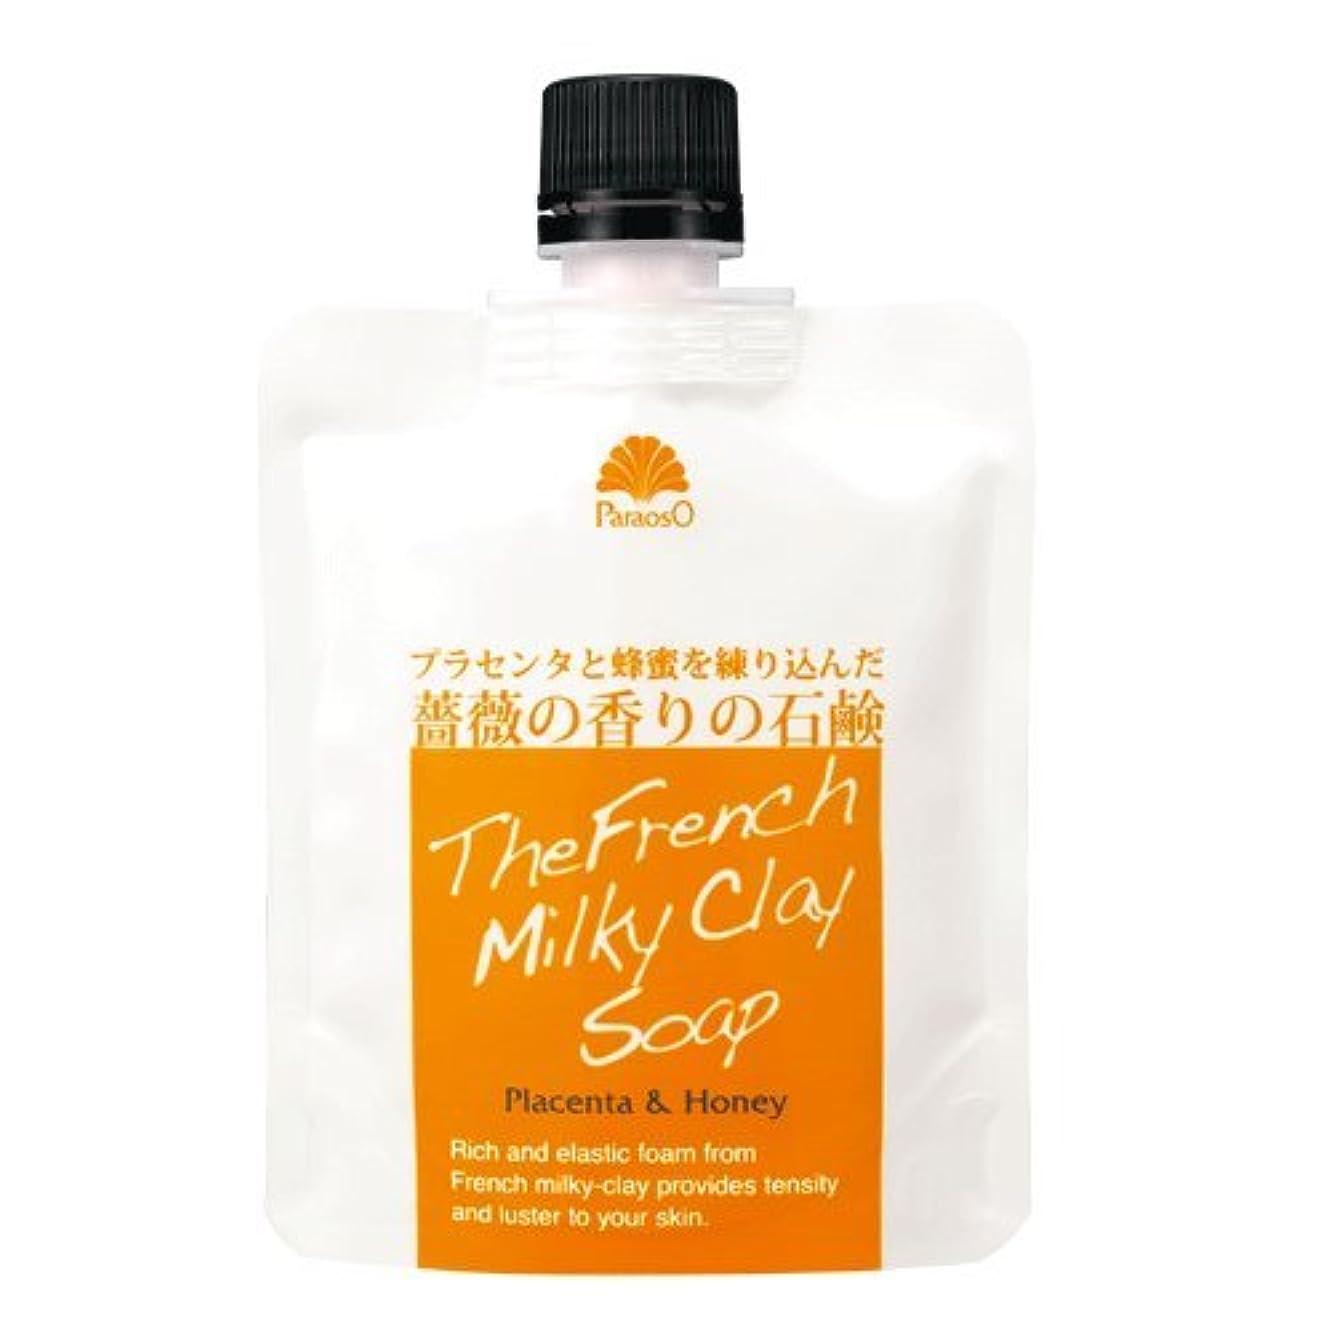 調子賃金赤ちゃんプラセンタと蜂蜜を練り込んだ薔薇の香りの生石鹸 パラオソフレンチクレイソープ 1個